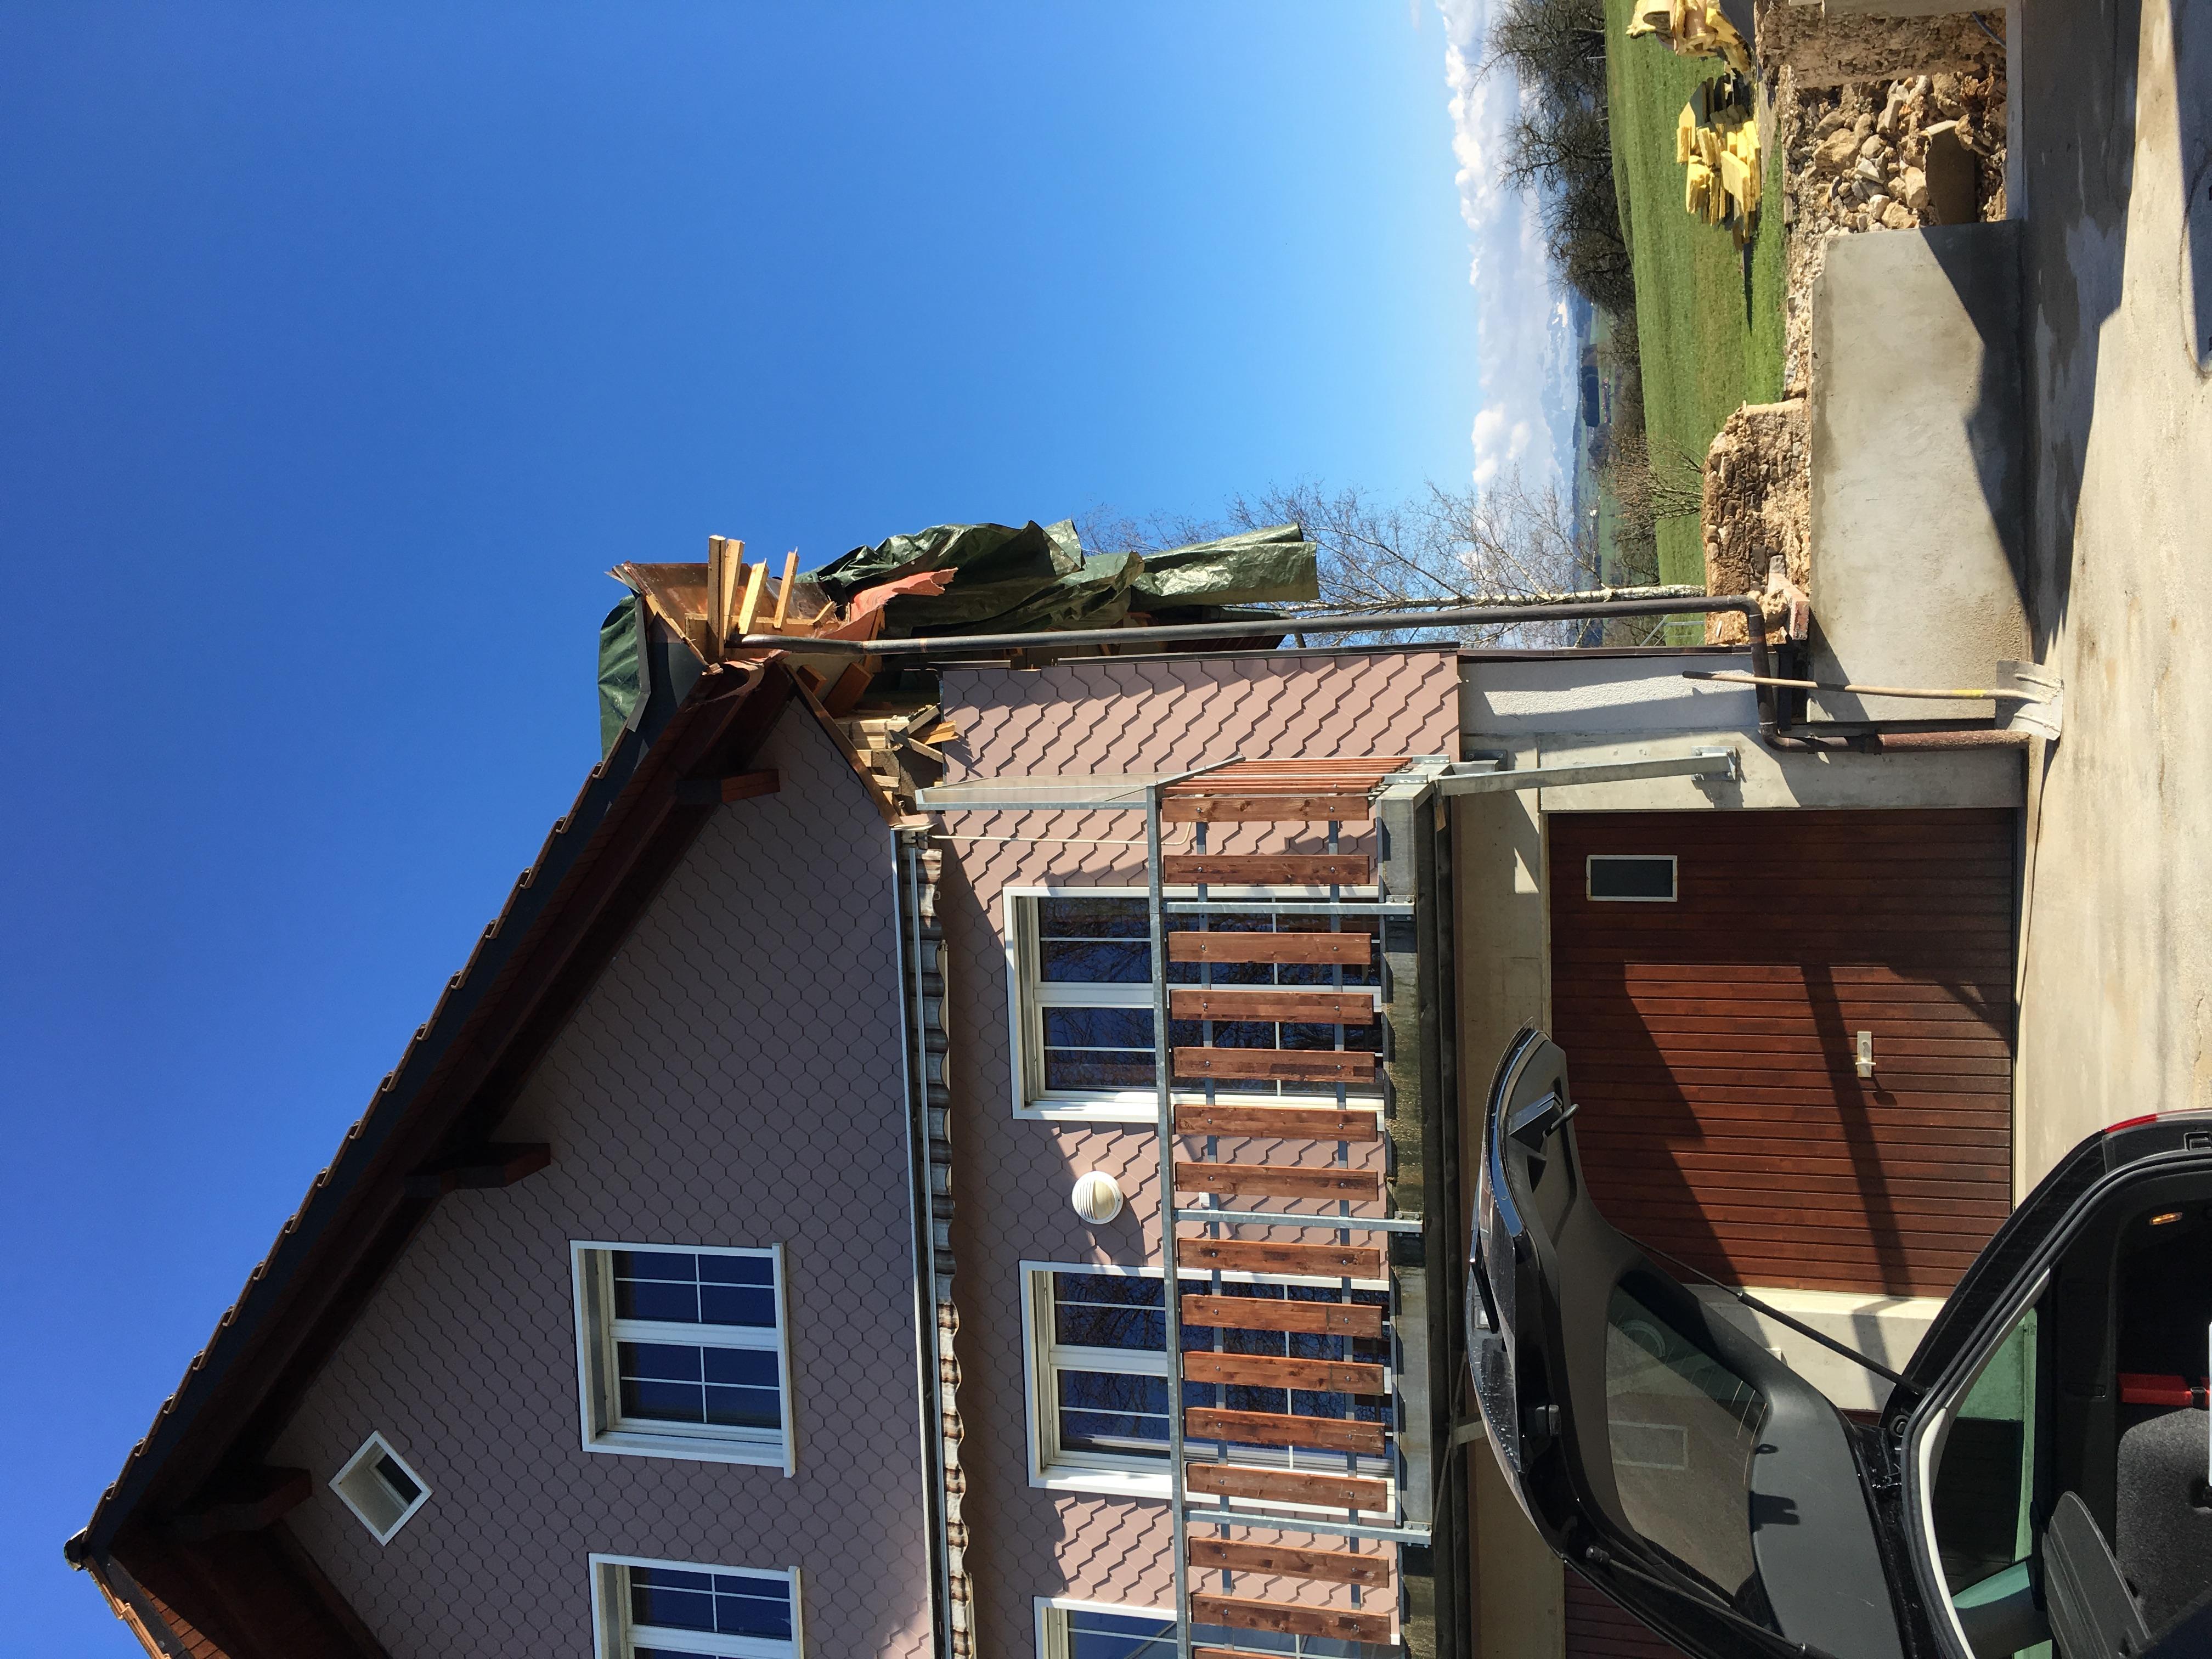 Der Hausteil ist abgerissen